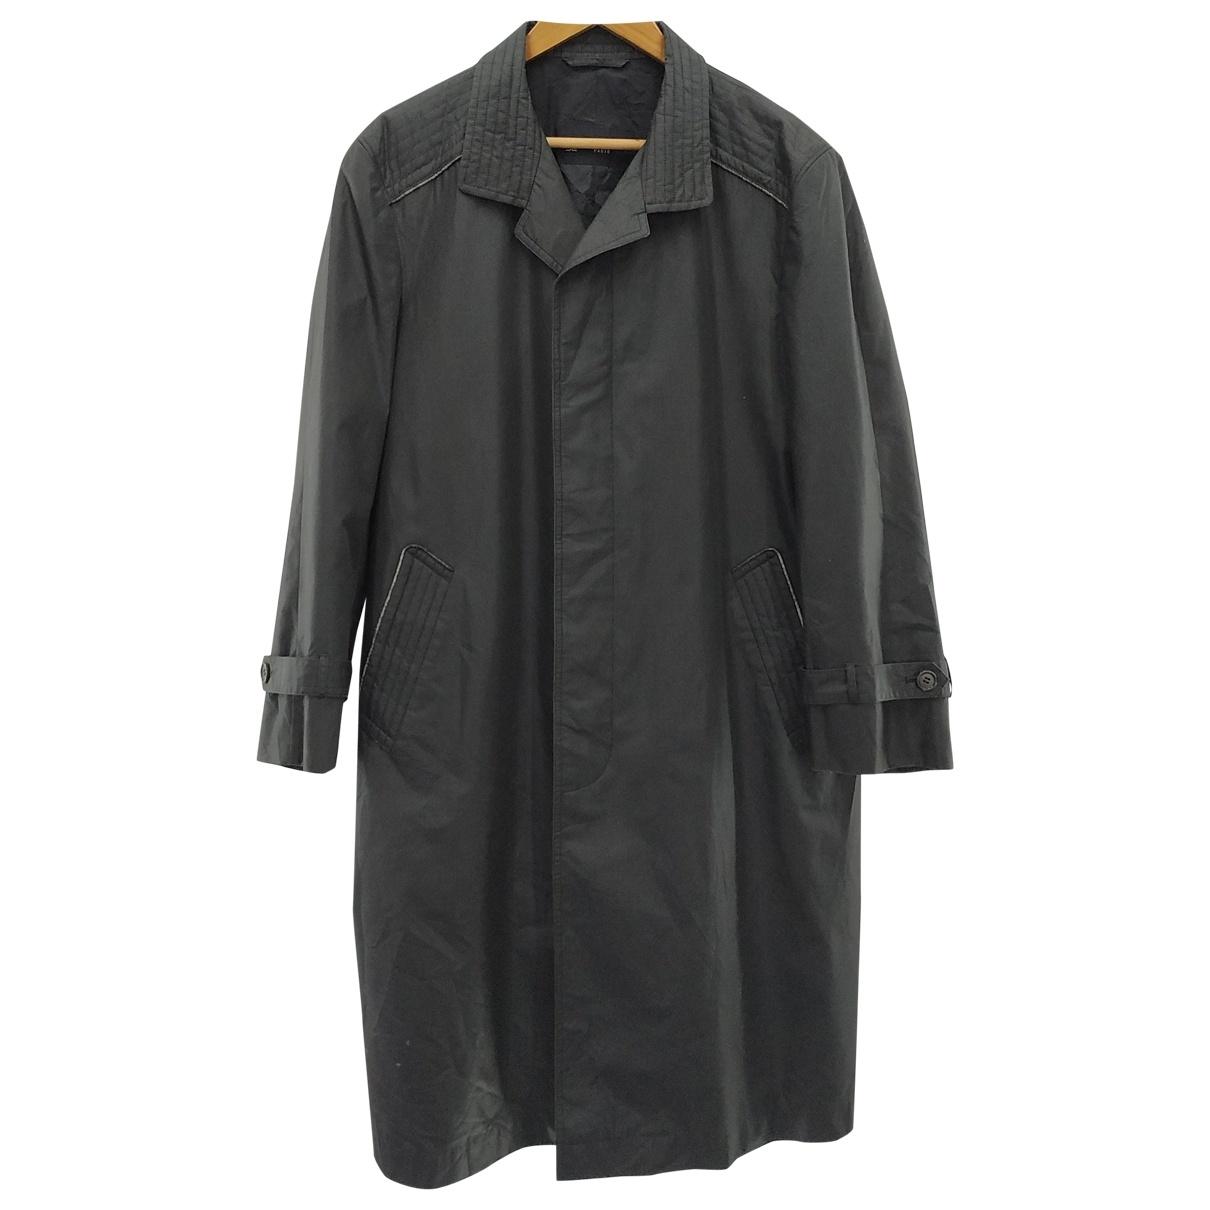 Lanvin \N Black coat  for Men L International